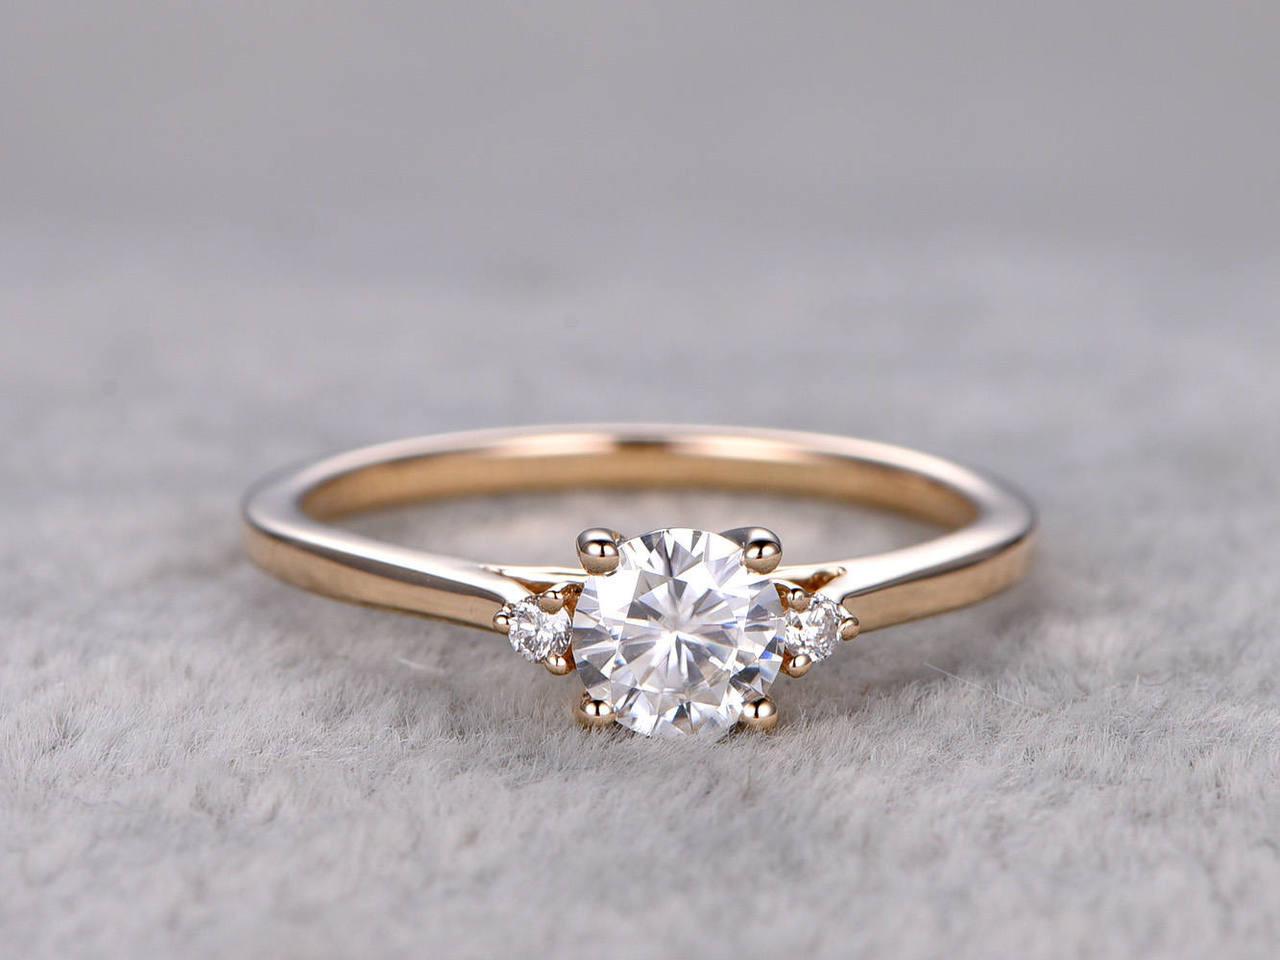 K White Gold Diamond Promise Ring